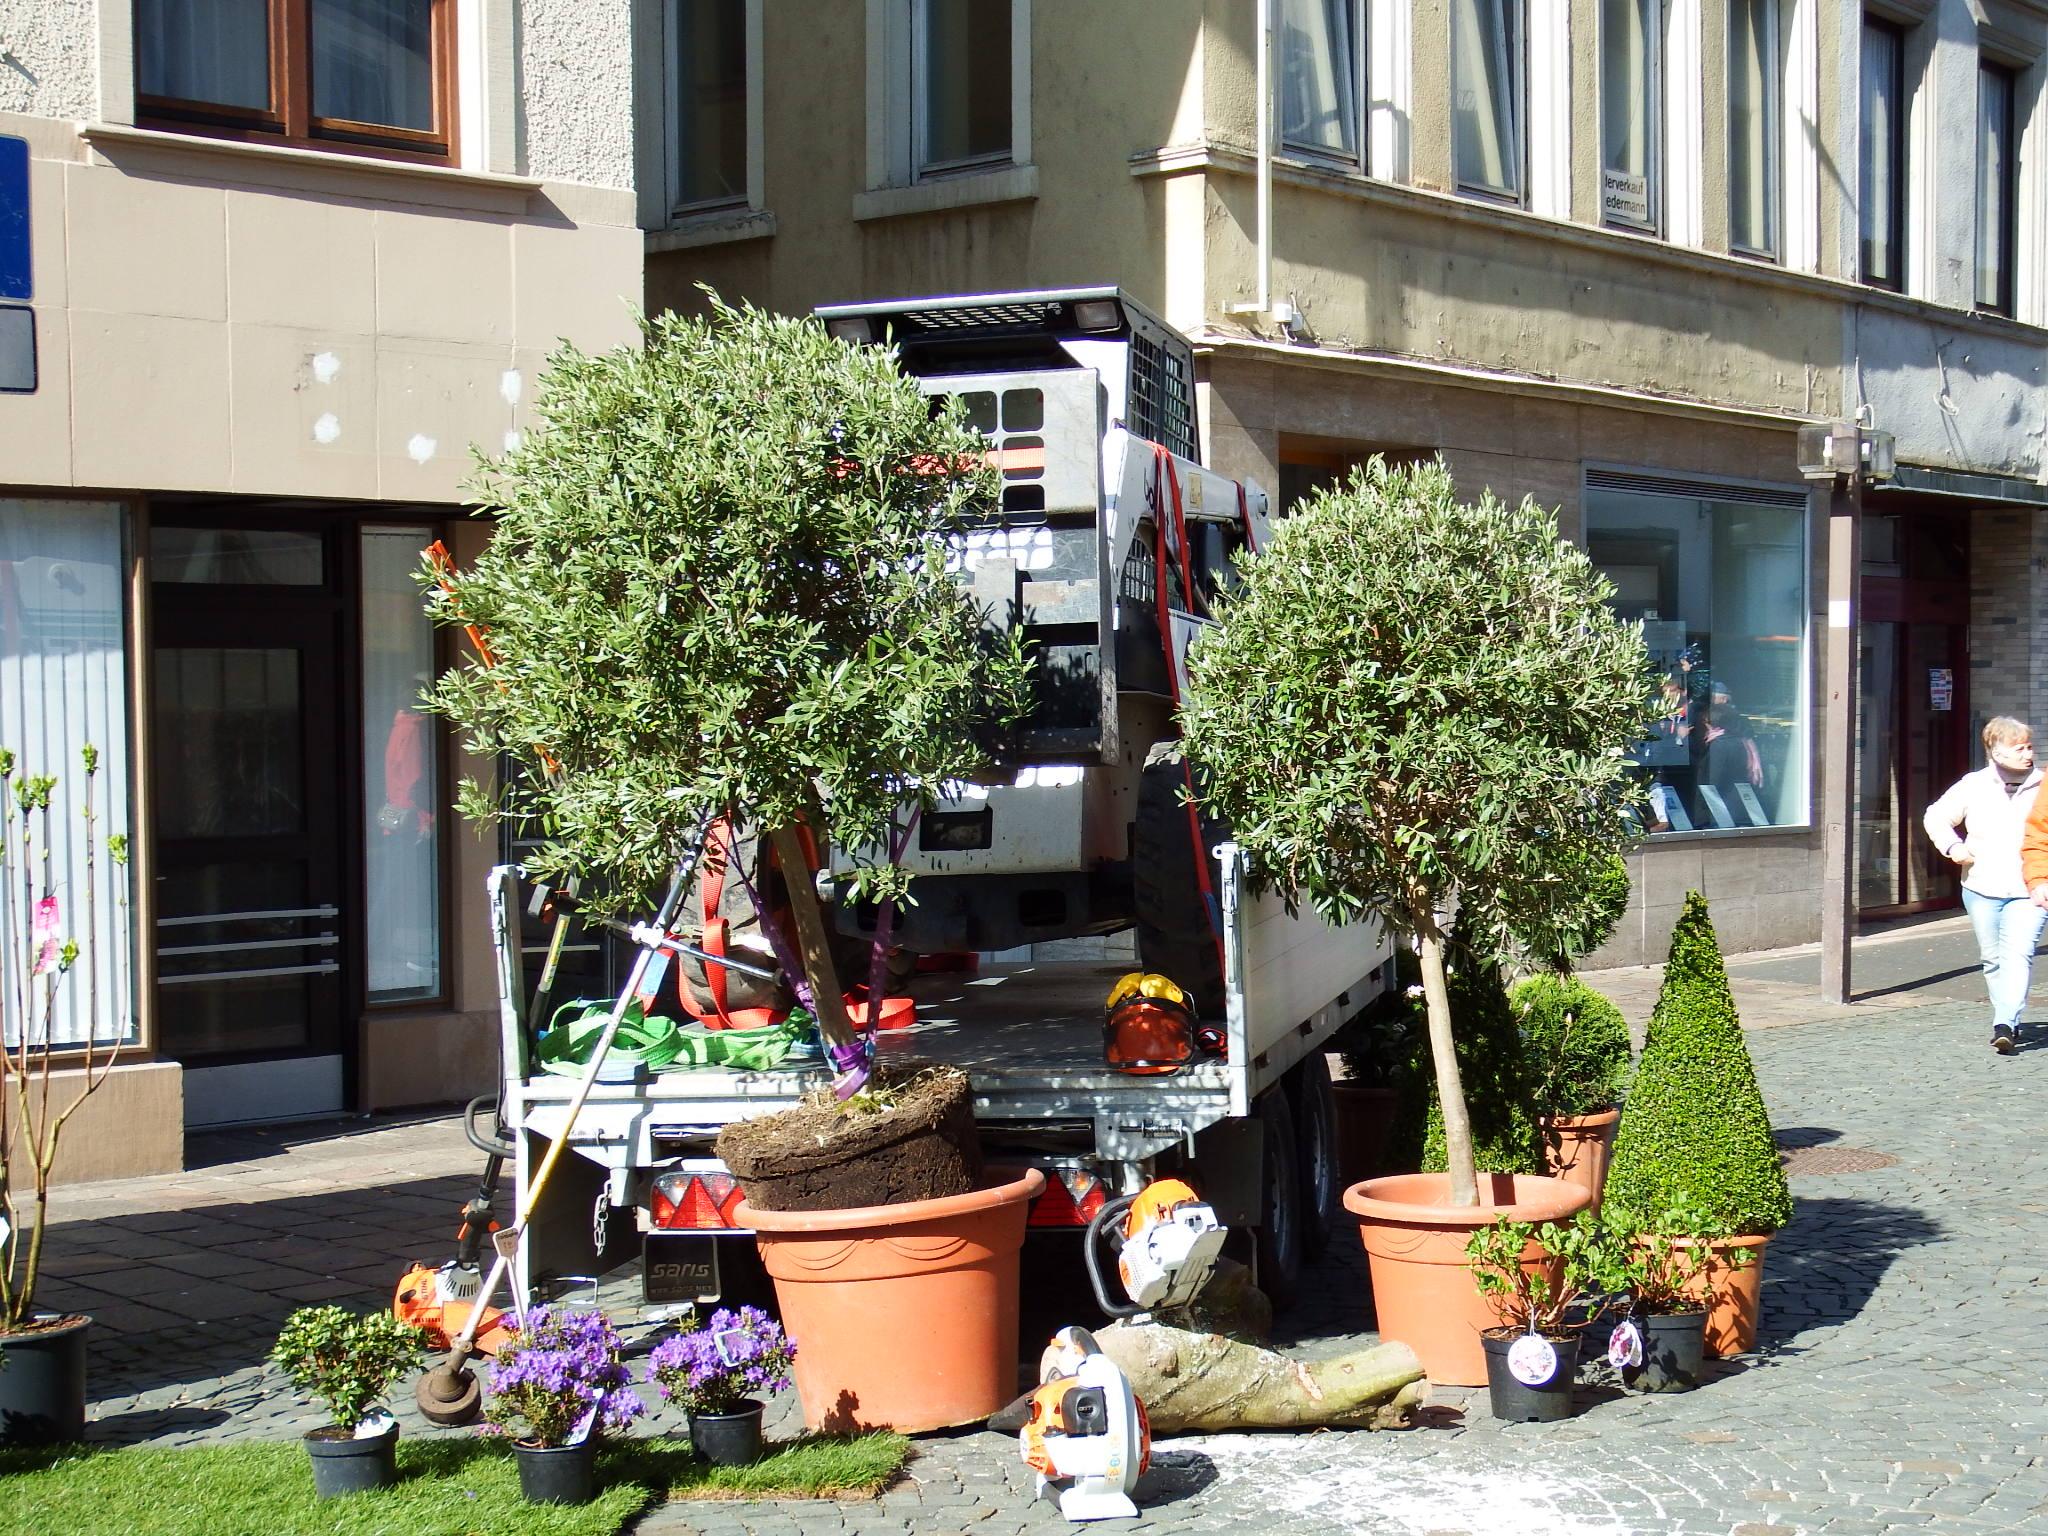 FRÜHLINGSERWACHEN IN KIRN - Galabau - Garten - Neuanlage - Gartenbau - Gartenanlage - Bad Kreuznach - Gärtnerei Bock - Kirn - Bad Sobernheim - Meisenheim - Bingen - Idar-Oberstein - Birkenfeld